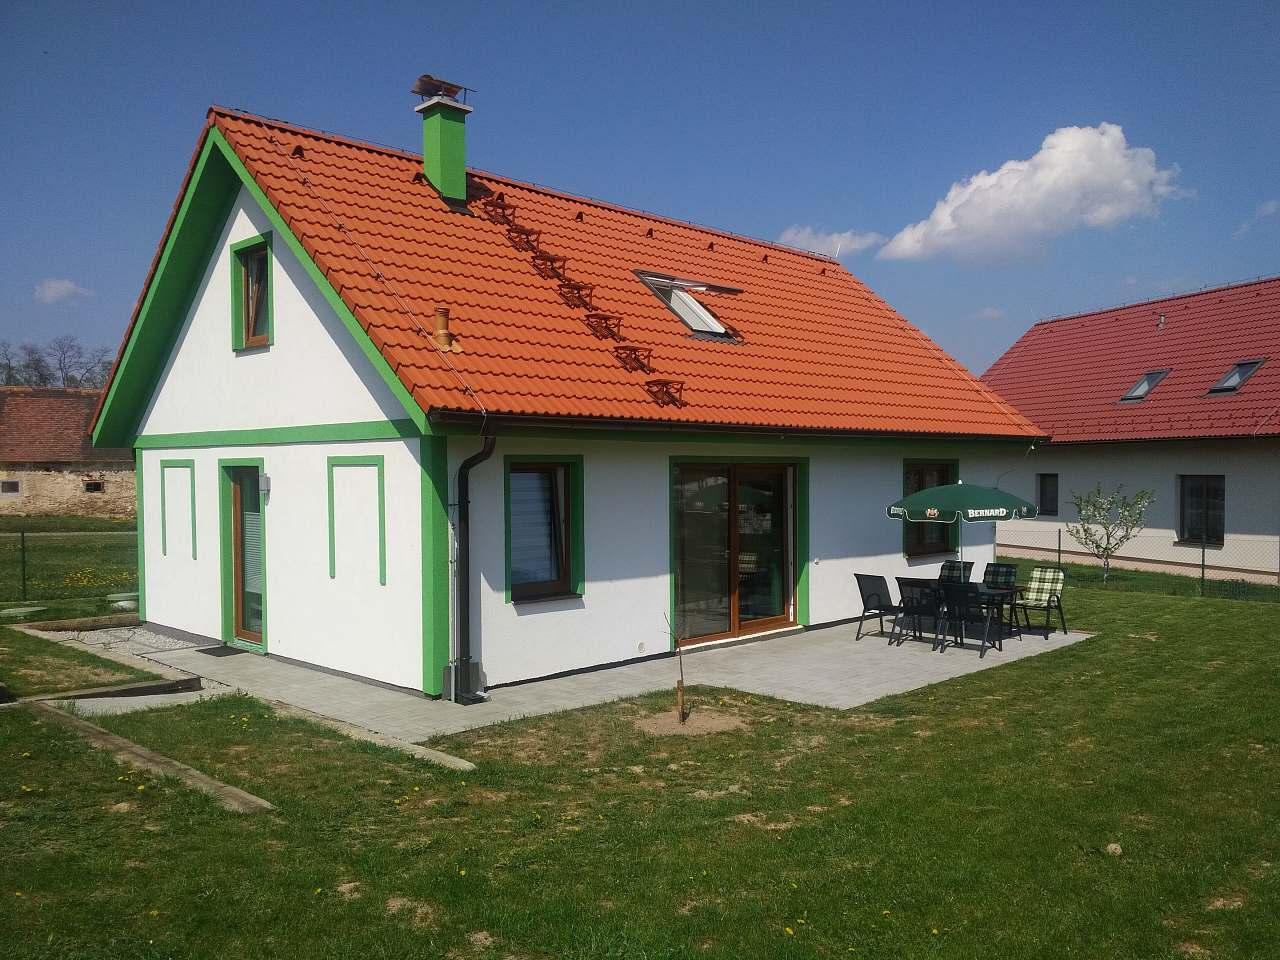 Rekreační domek - přímo od majitele